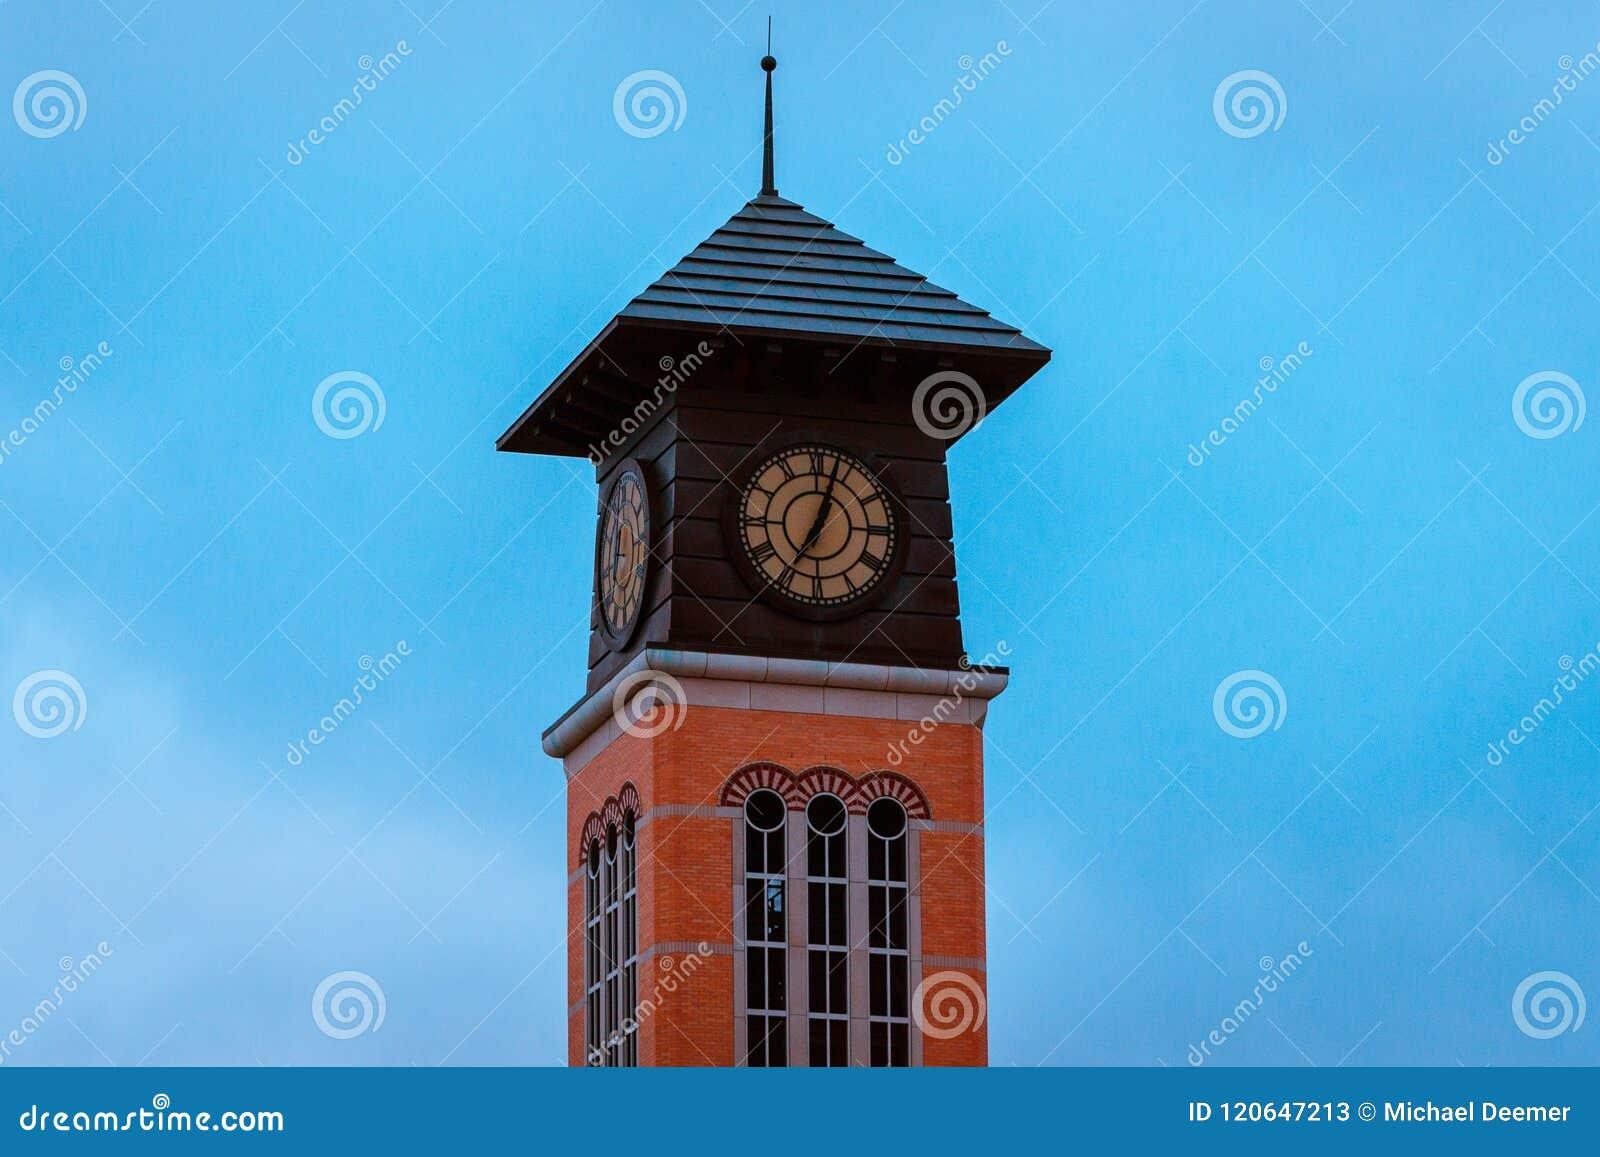 Toren weg van een academisch gebouw op Grote de Universiteitscampus van de Valleistaat in Grand Rapids Michigan